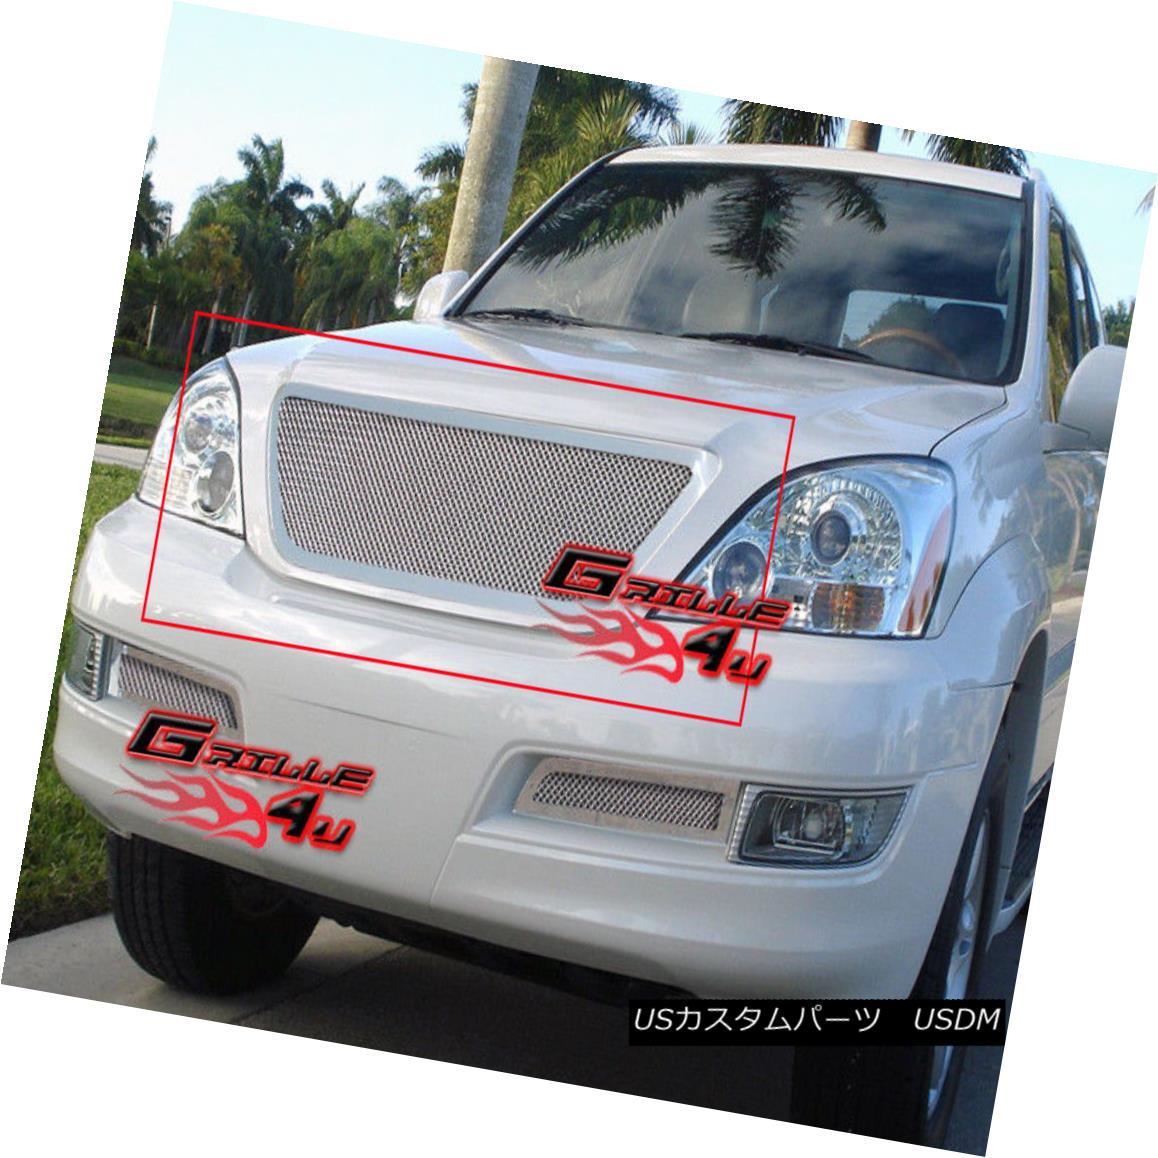 グリル For 03-09 Lexus GX470 Stainless Mesh Grille Insert 03-09レクサスGX470ステンレスメッシュグリルインサート